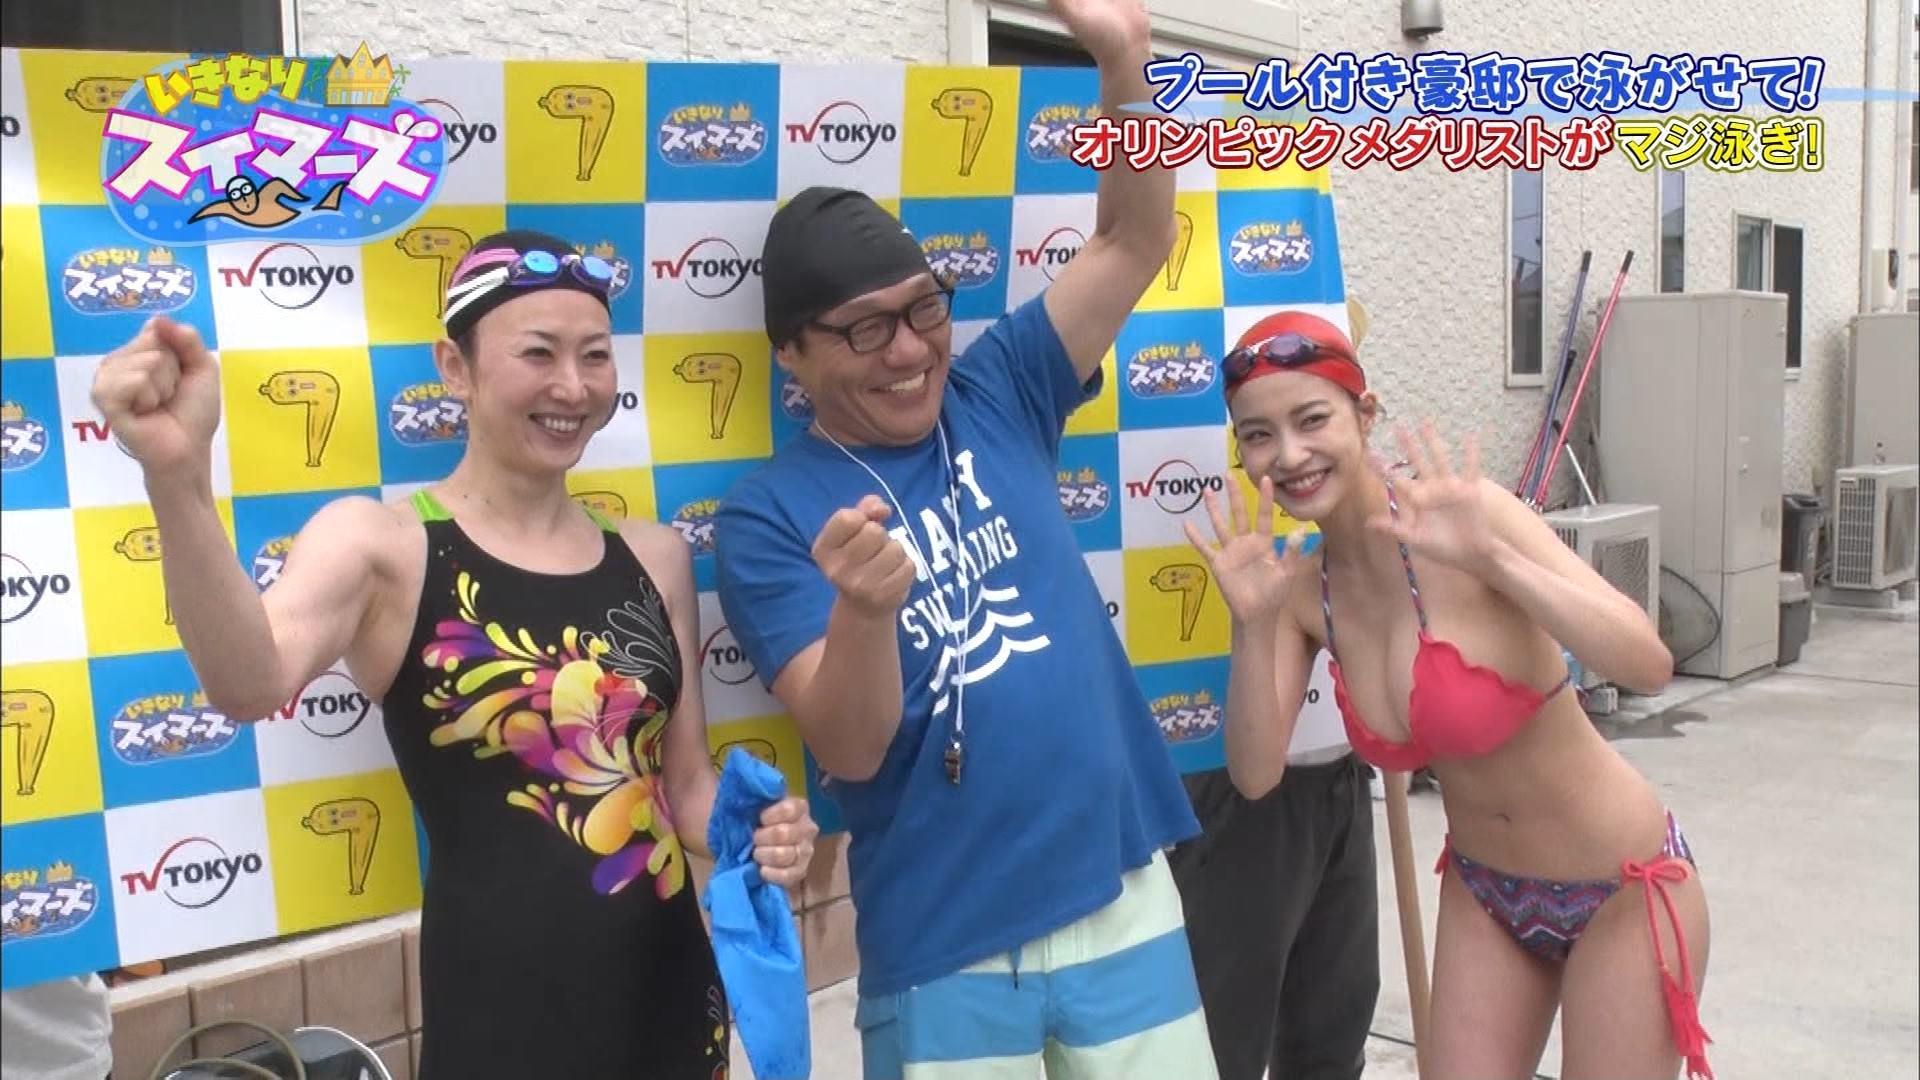 岸明日香_Gカップ_ビキニ水着_テレビキャプ画像_19